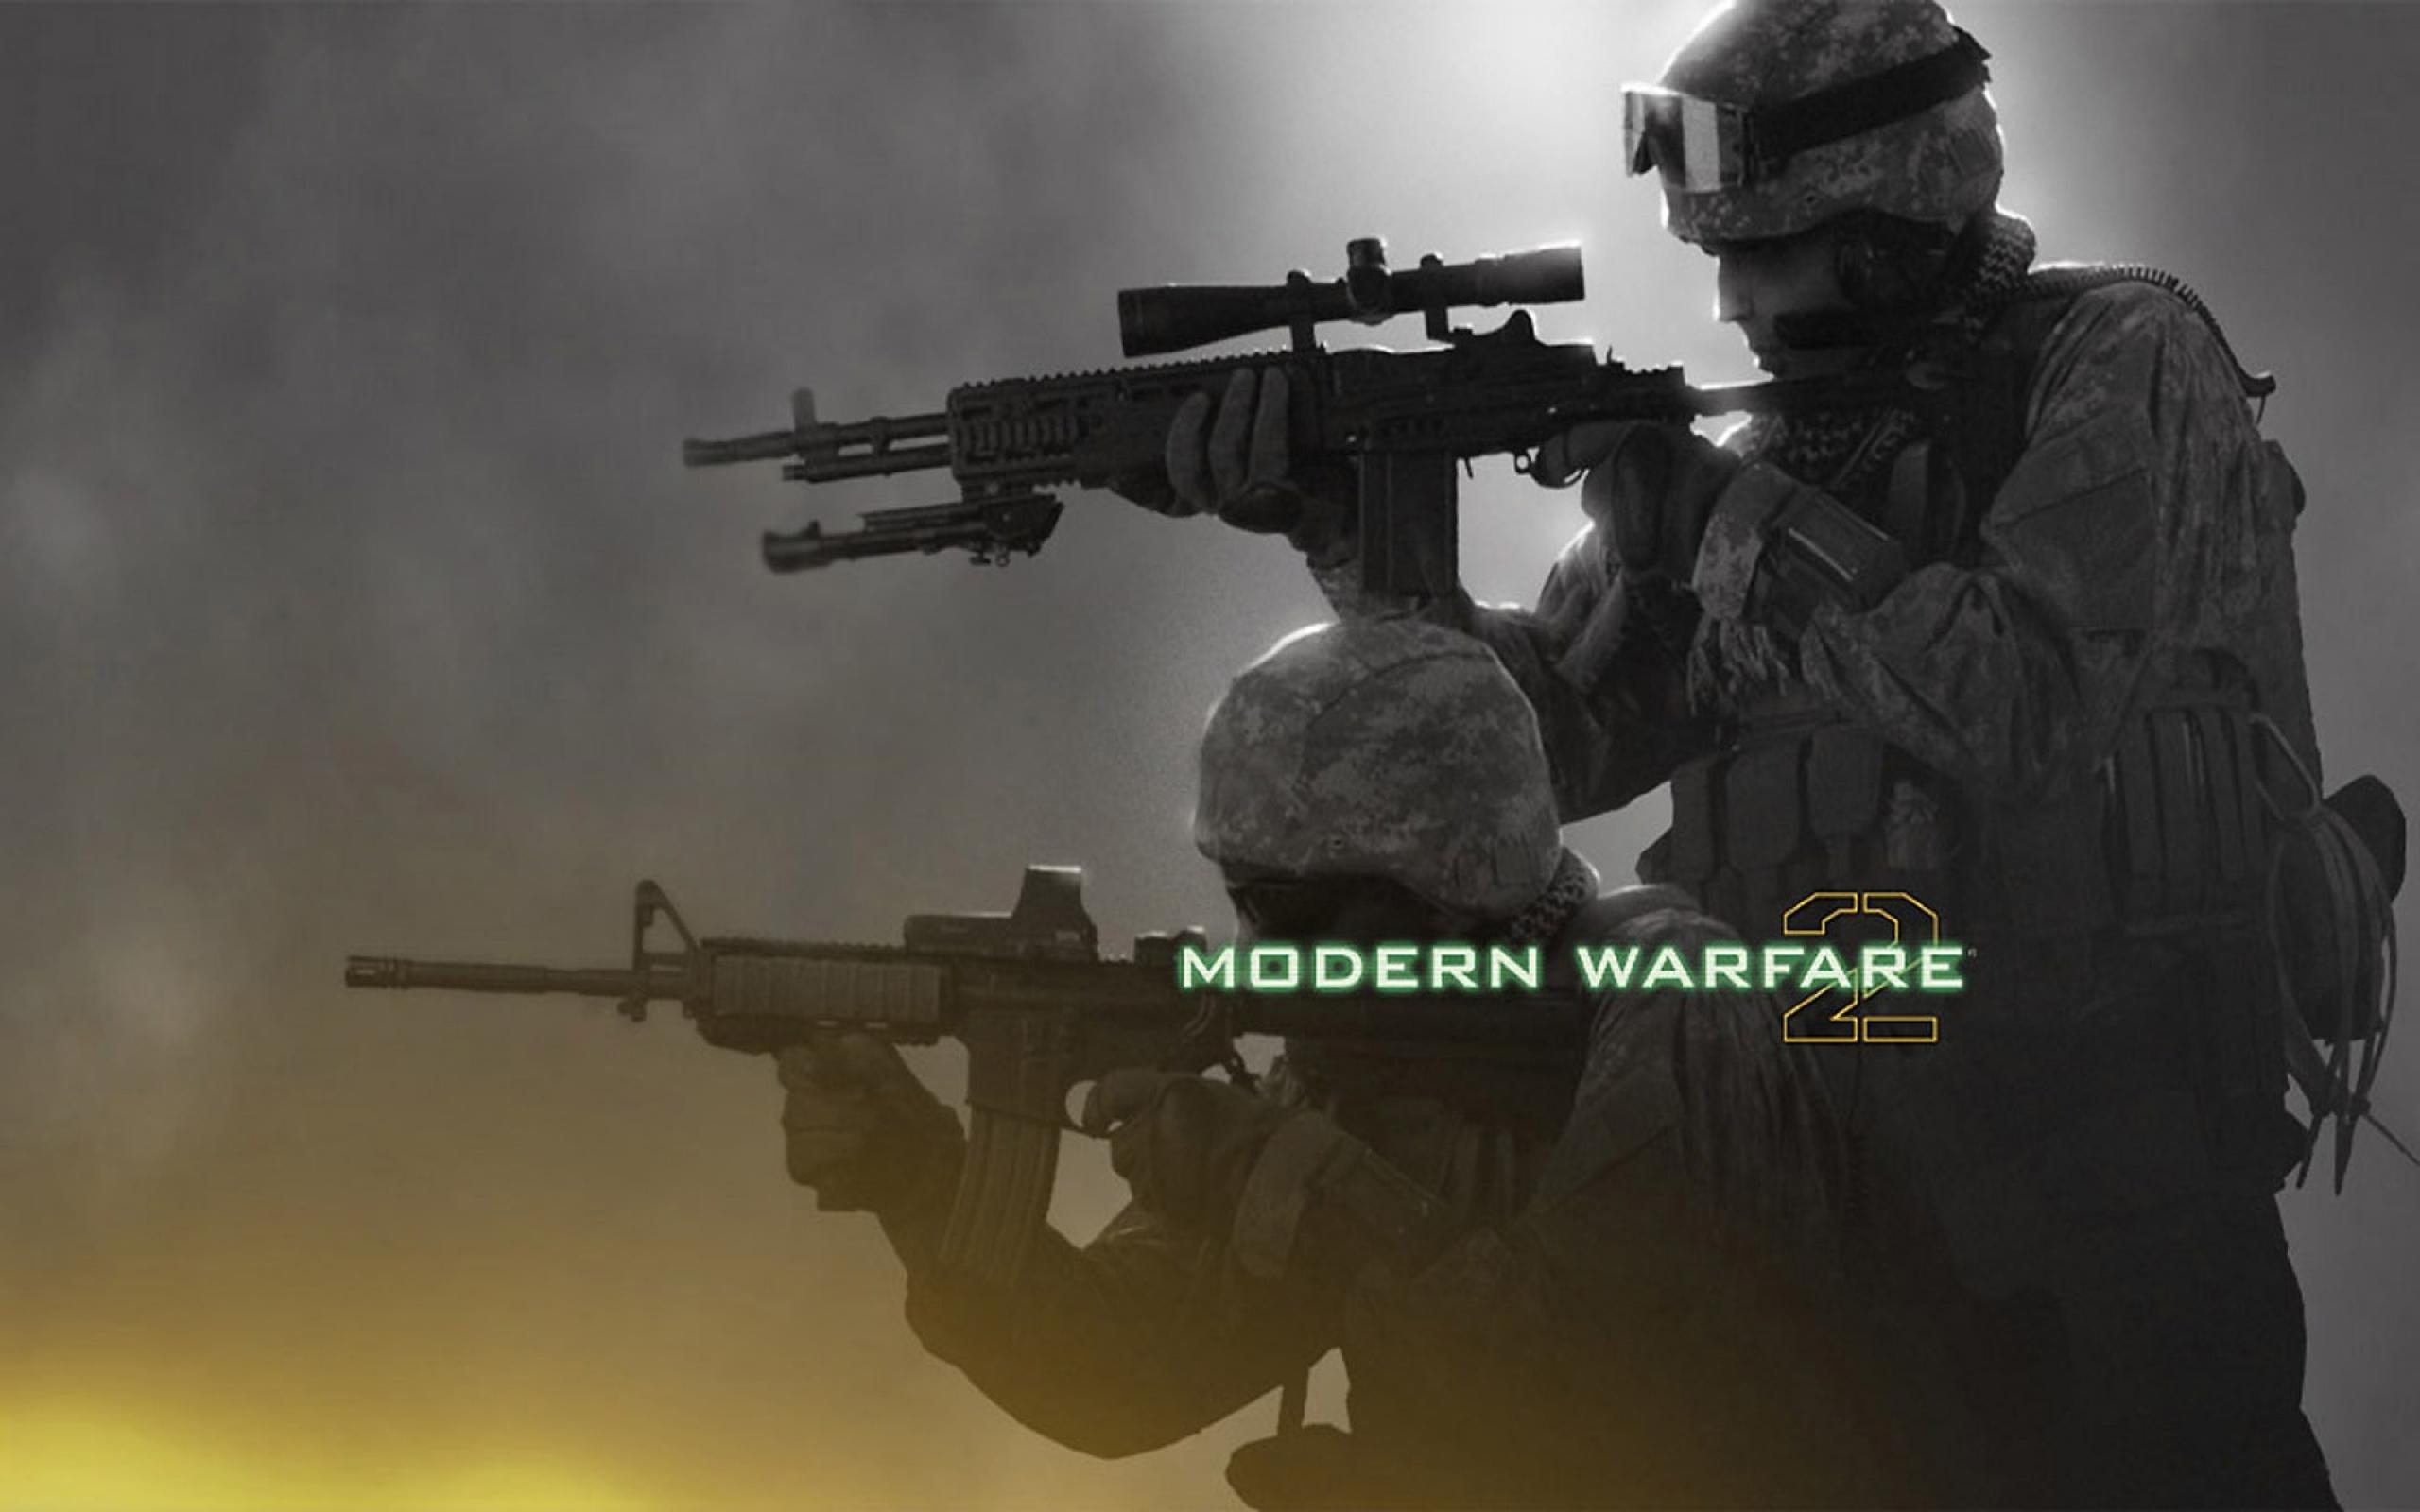 2560x1600px modern warfare 2 wallpaper hd - wallpapersafari